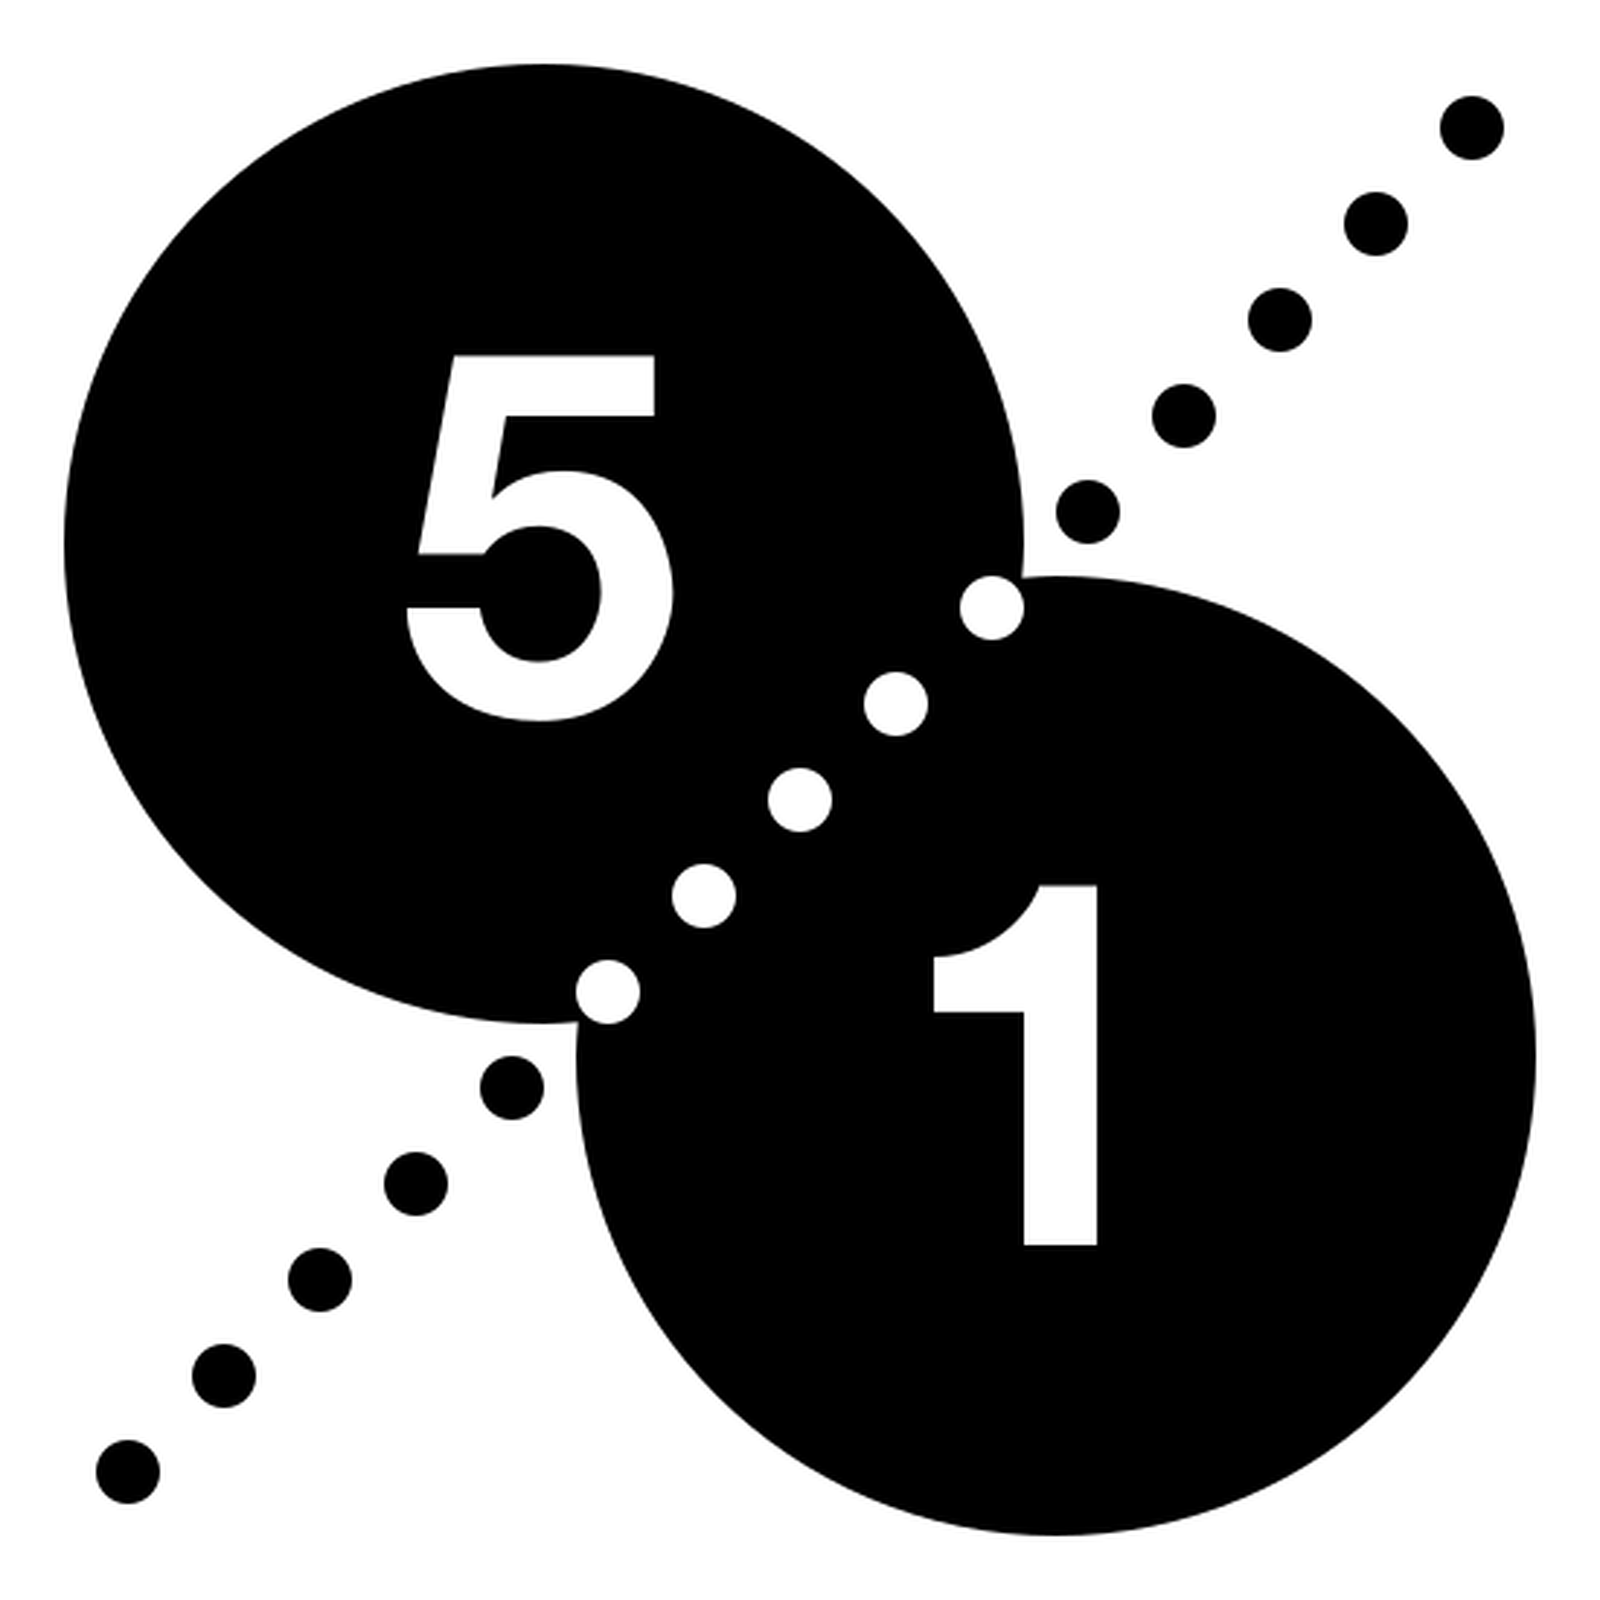 Price Comparison Filled icon